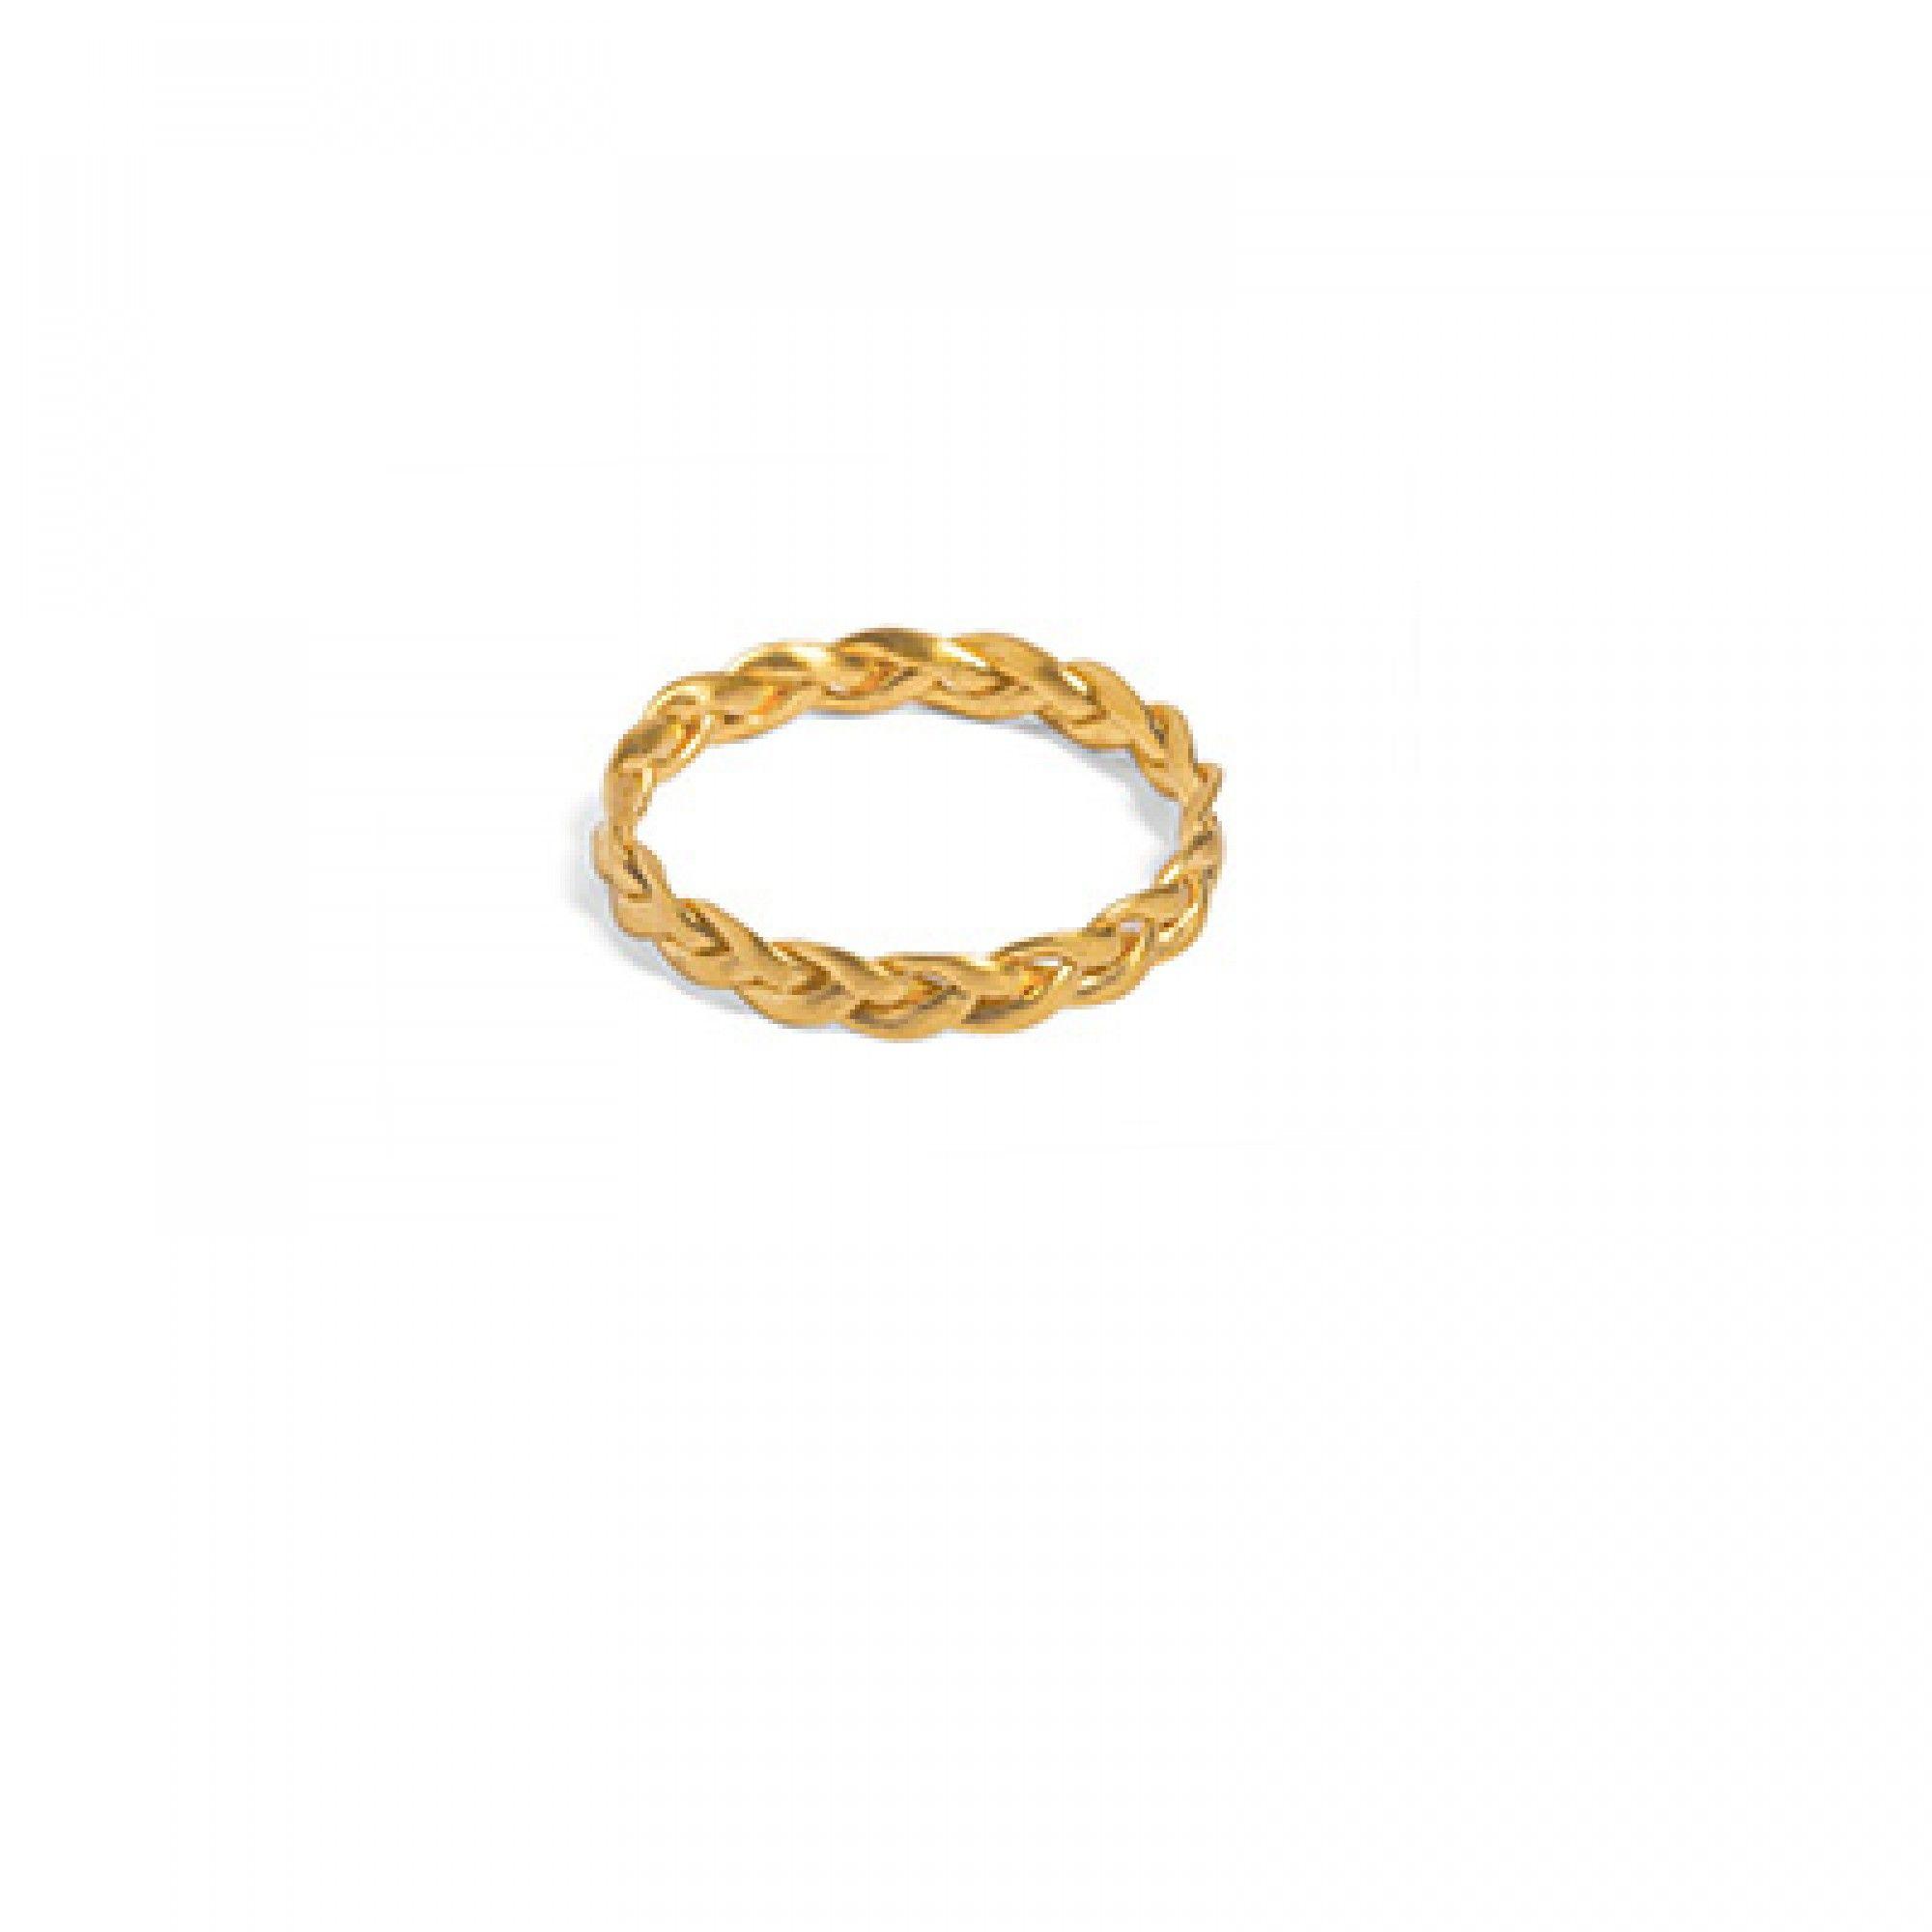 Kleiner geflochtener Ring aus vergoldetem Silber Vergoldetes